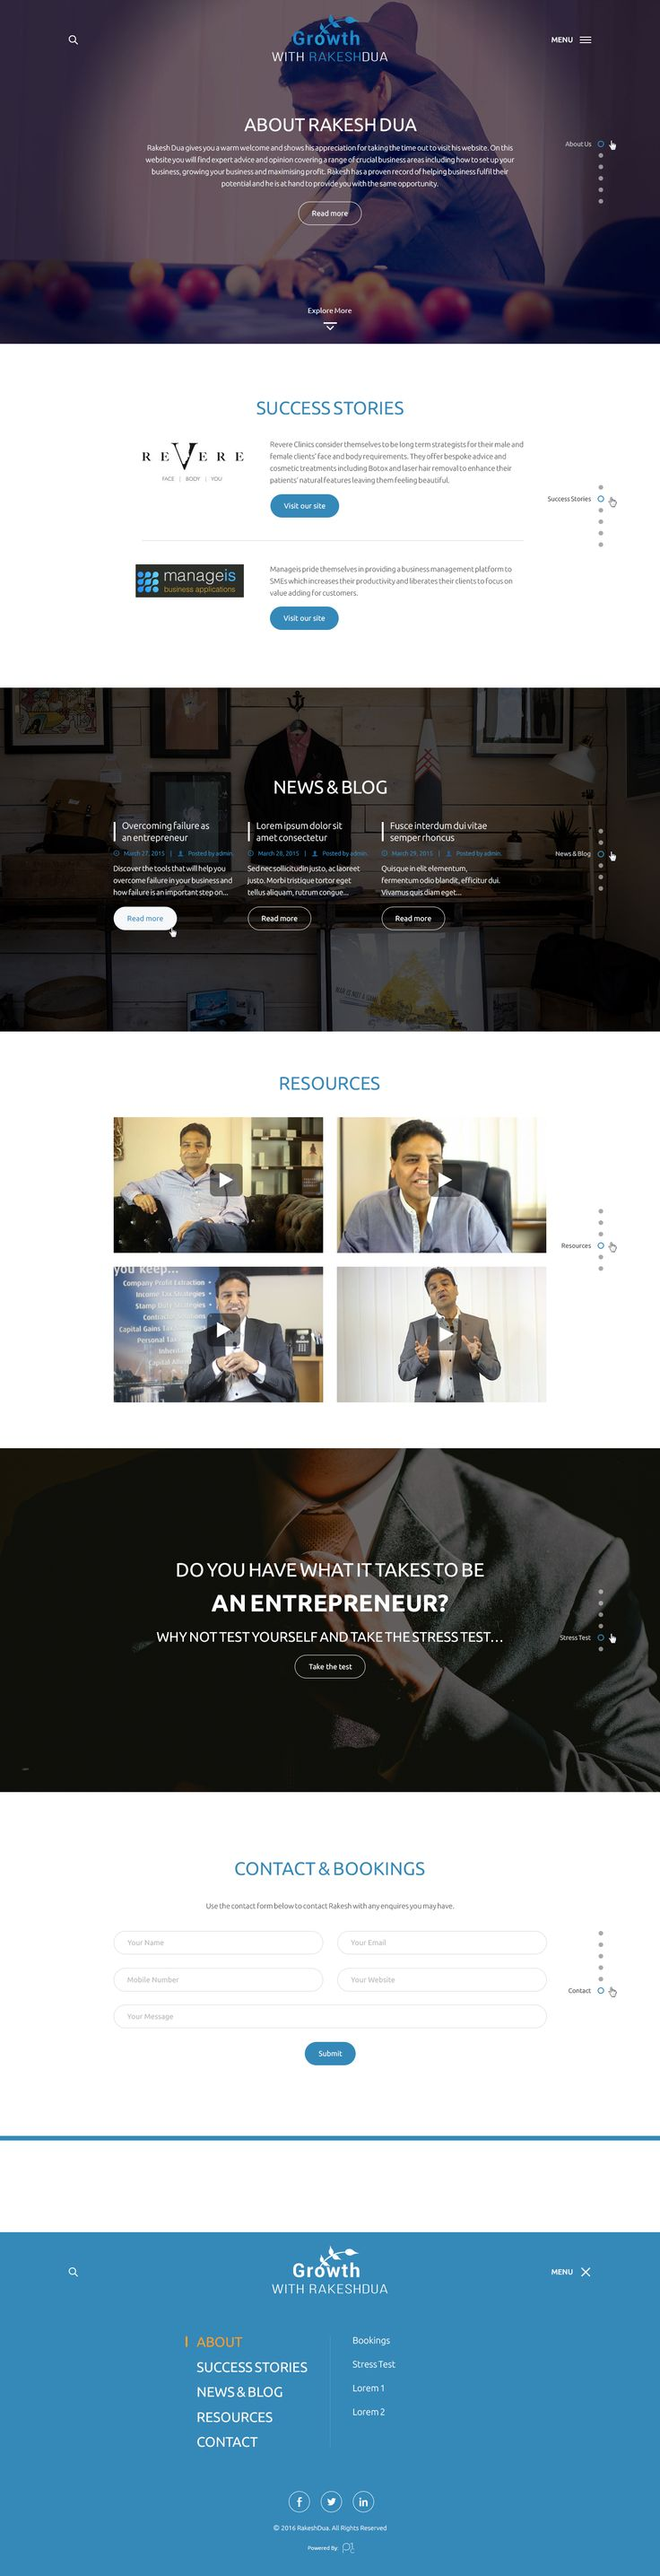 18 best website design images on pinterest | website designs